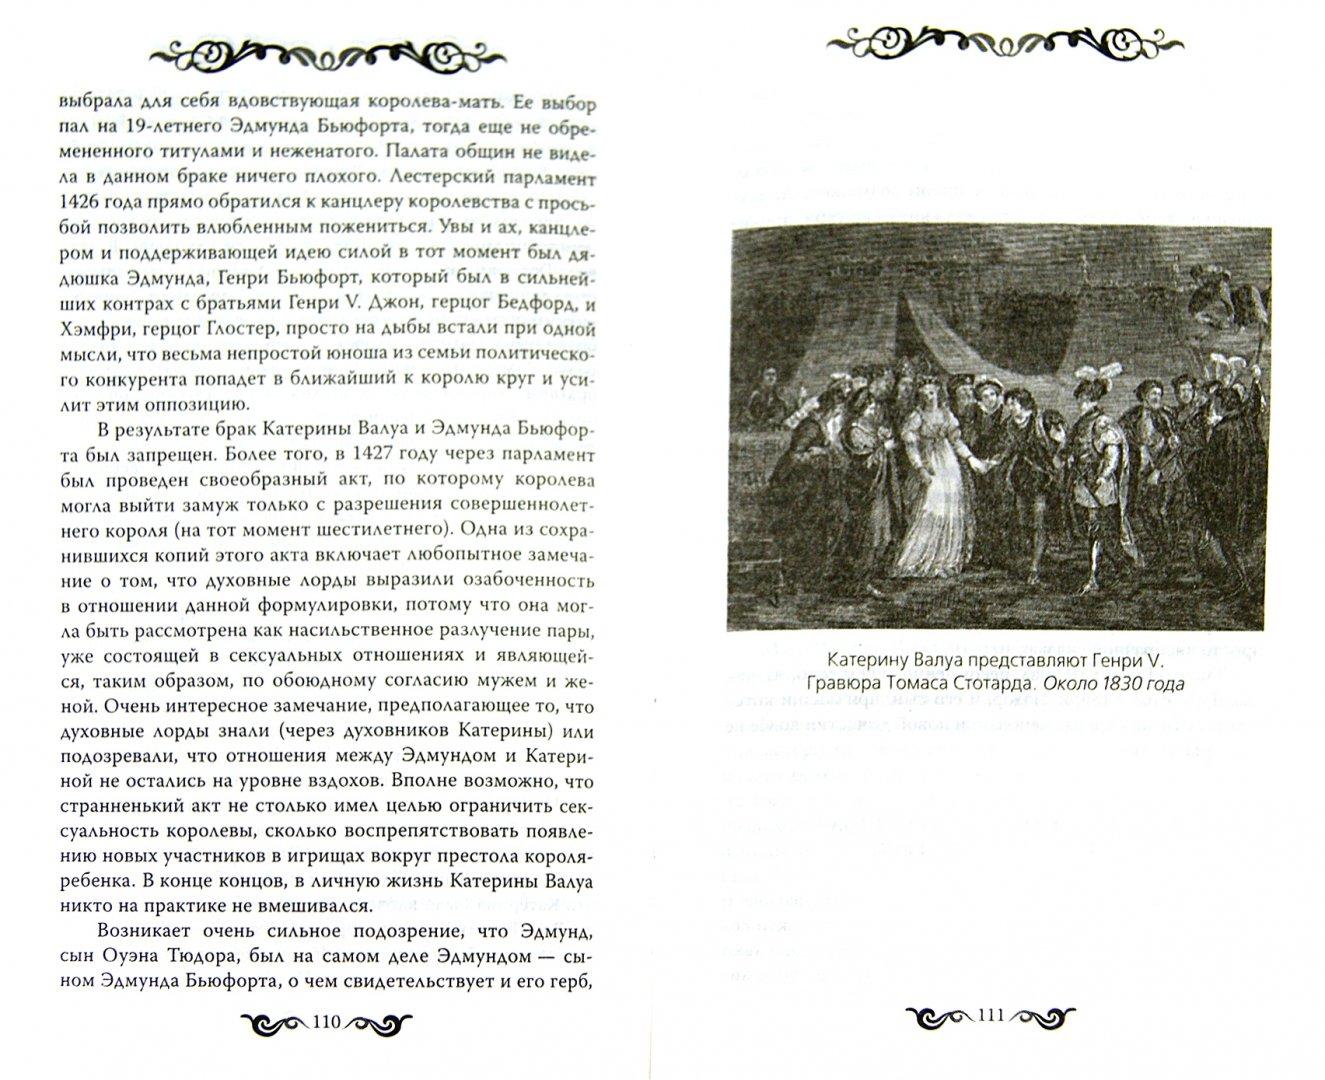 Иллюстрация 1 из 17 для Книга о прекрасных дамах и благородных рыцарях - Милла Коскинен | Лабиринт - книги. Источник: Лабиринт